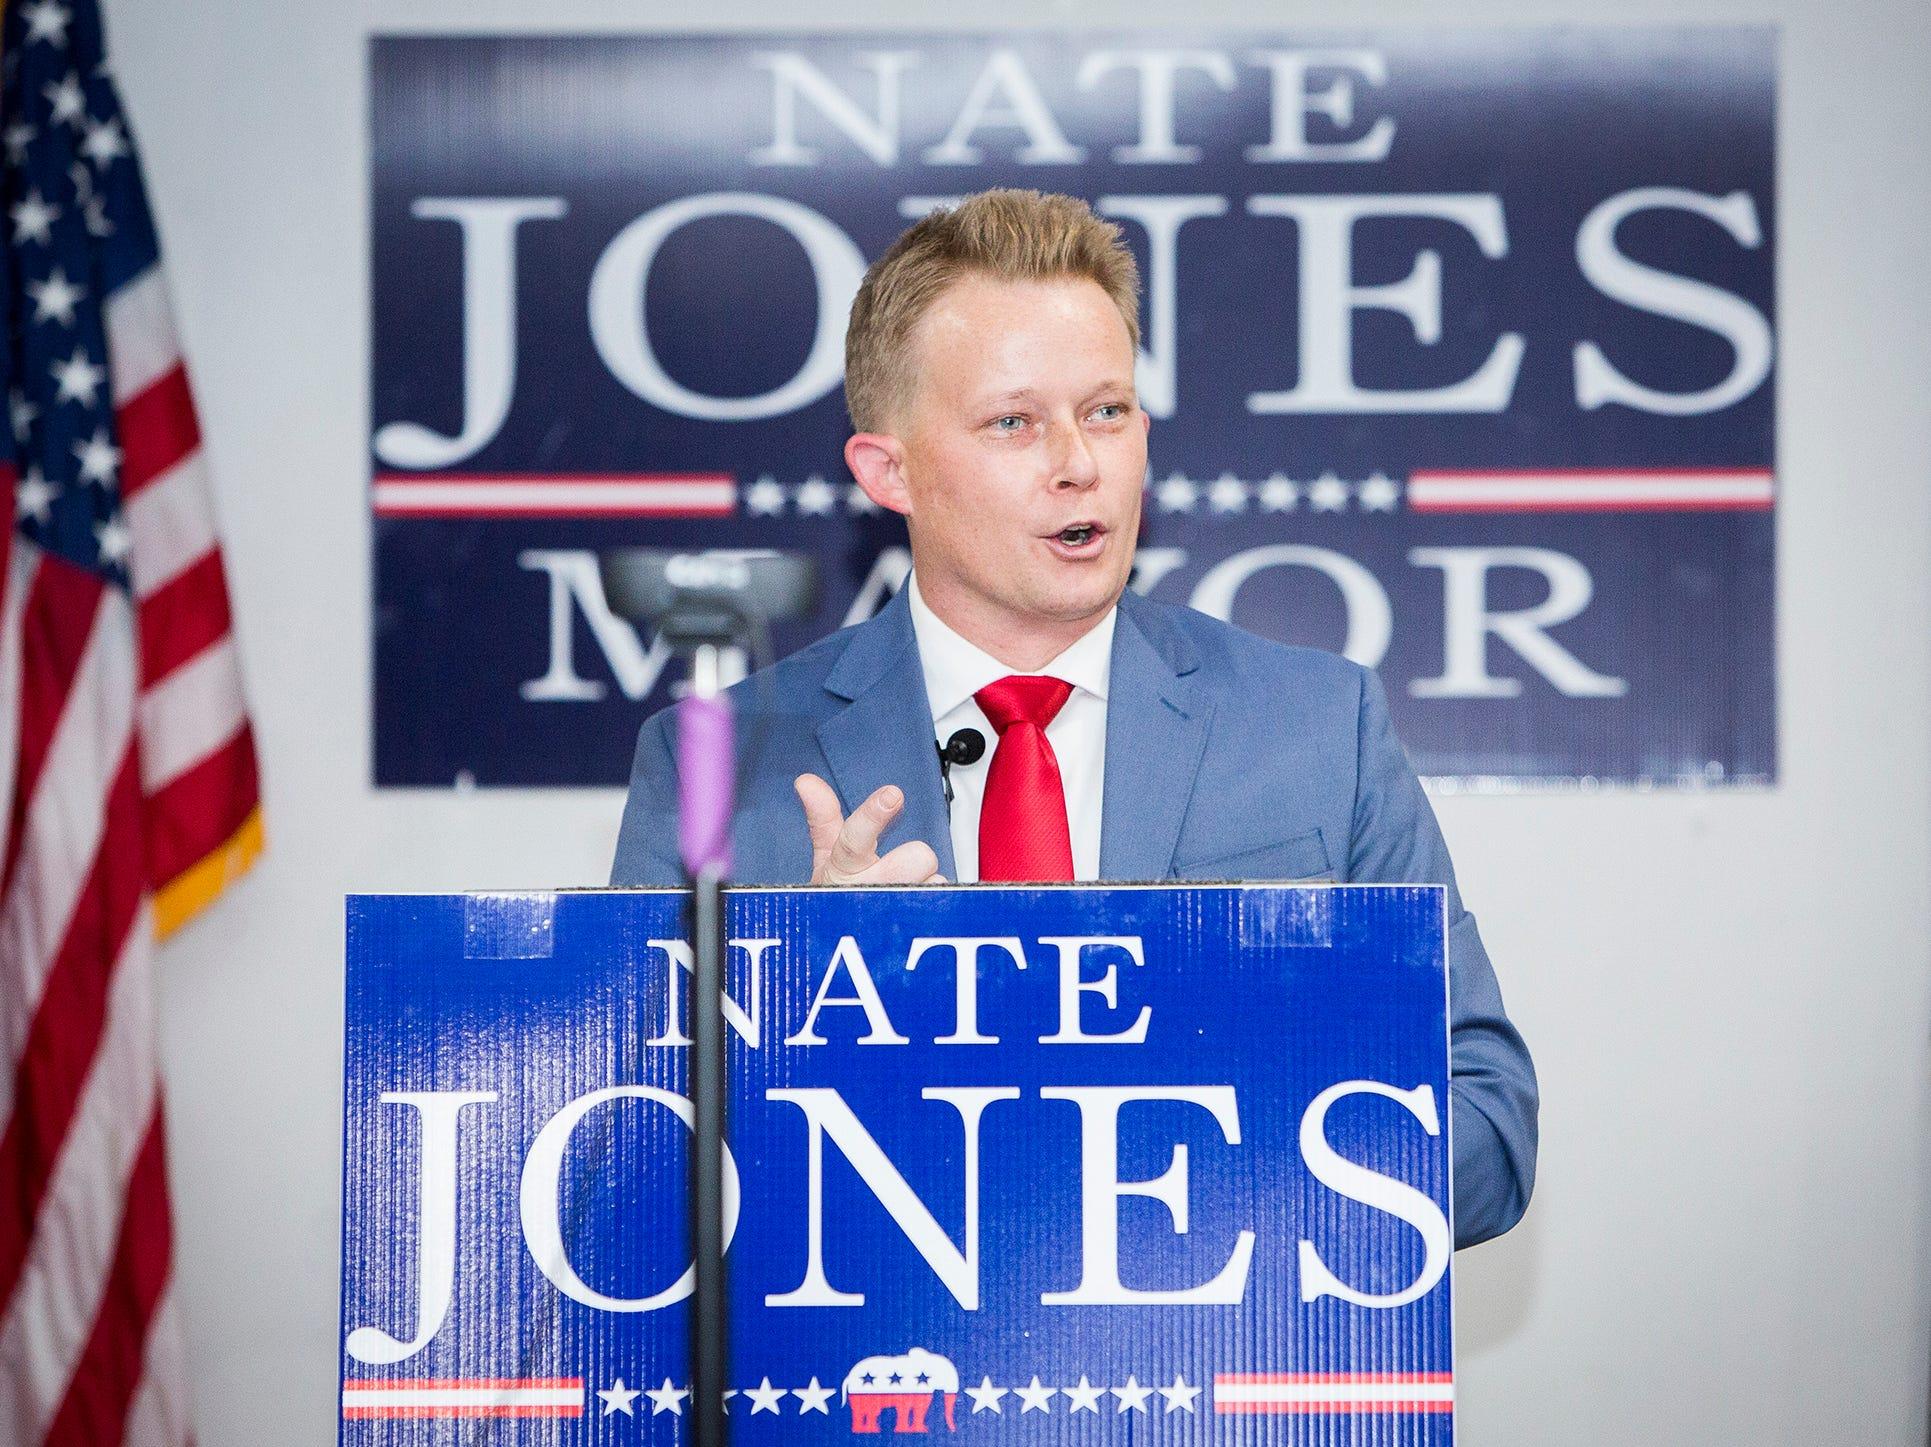 Nate Jones announces Muncie mayoral bid